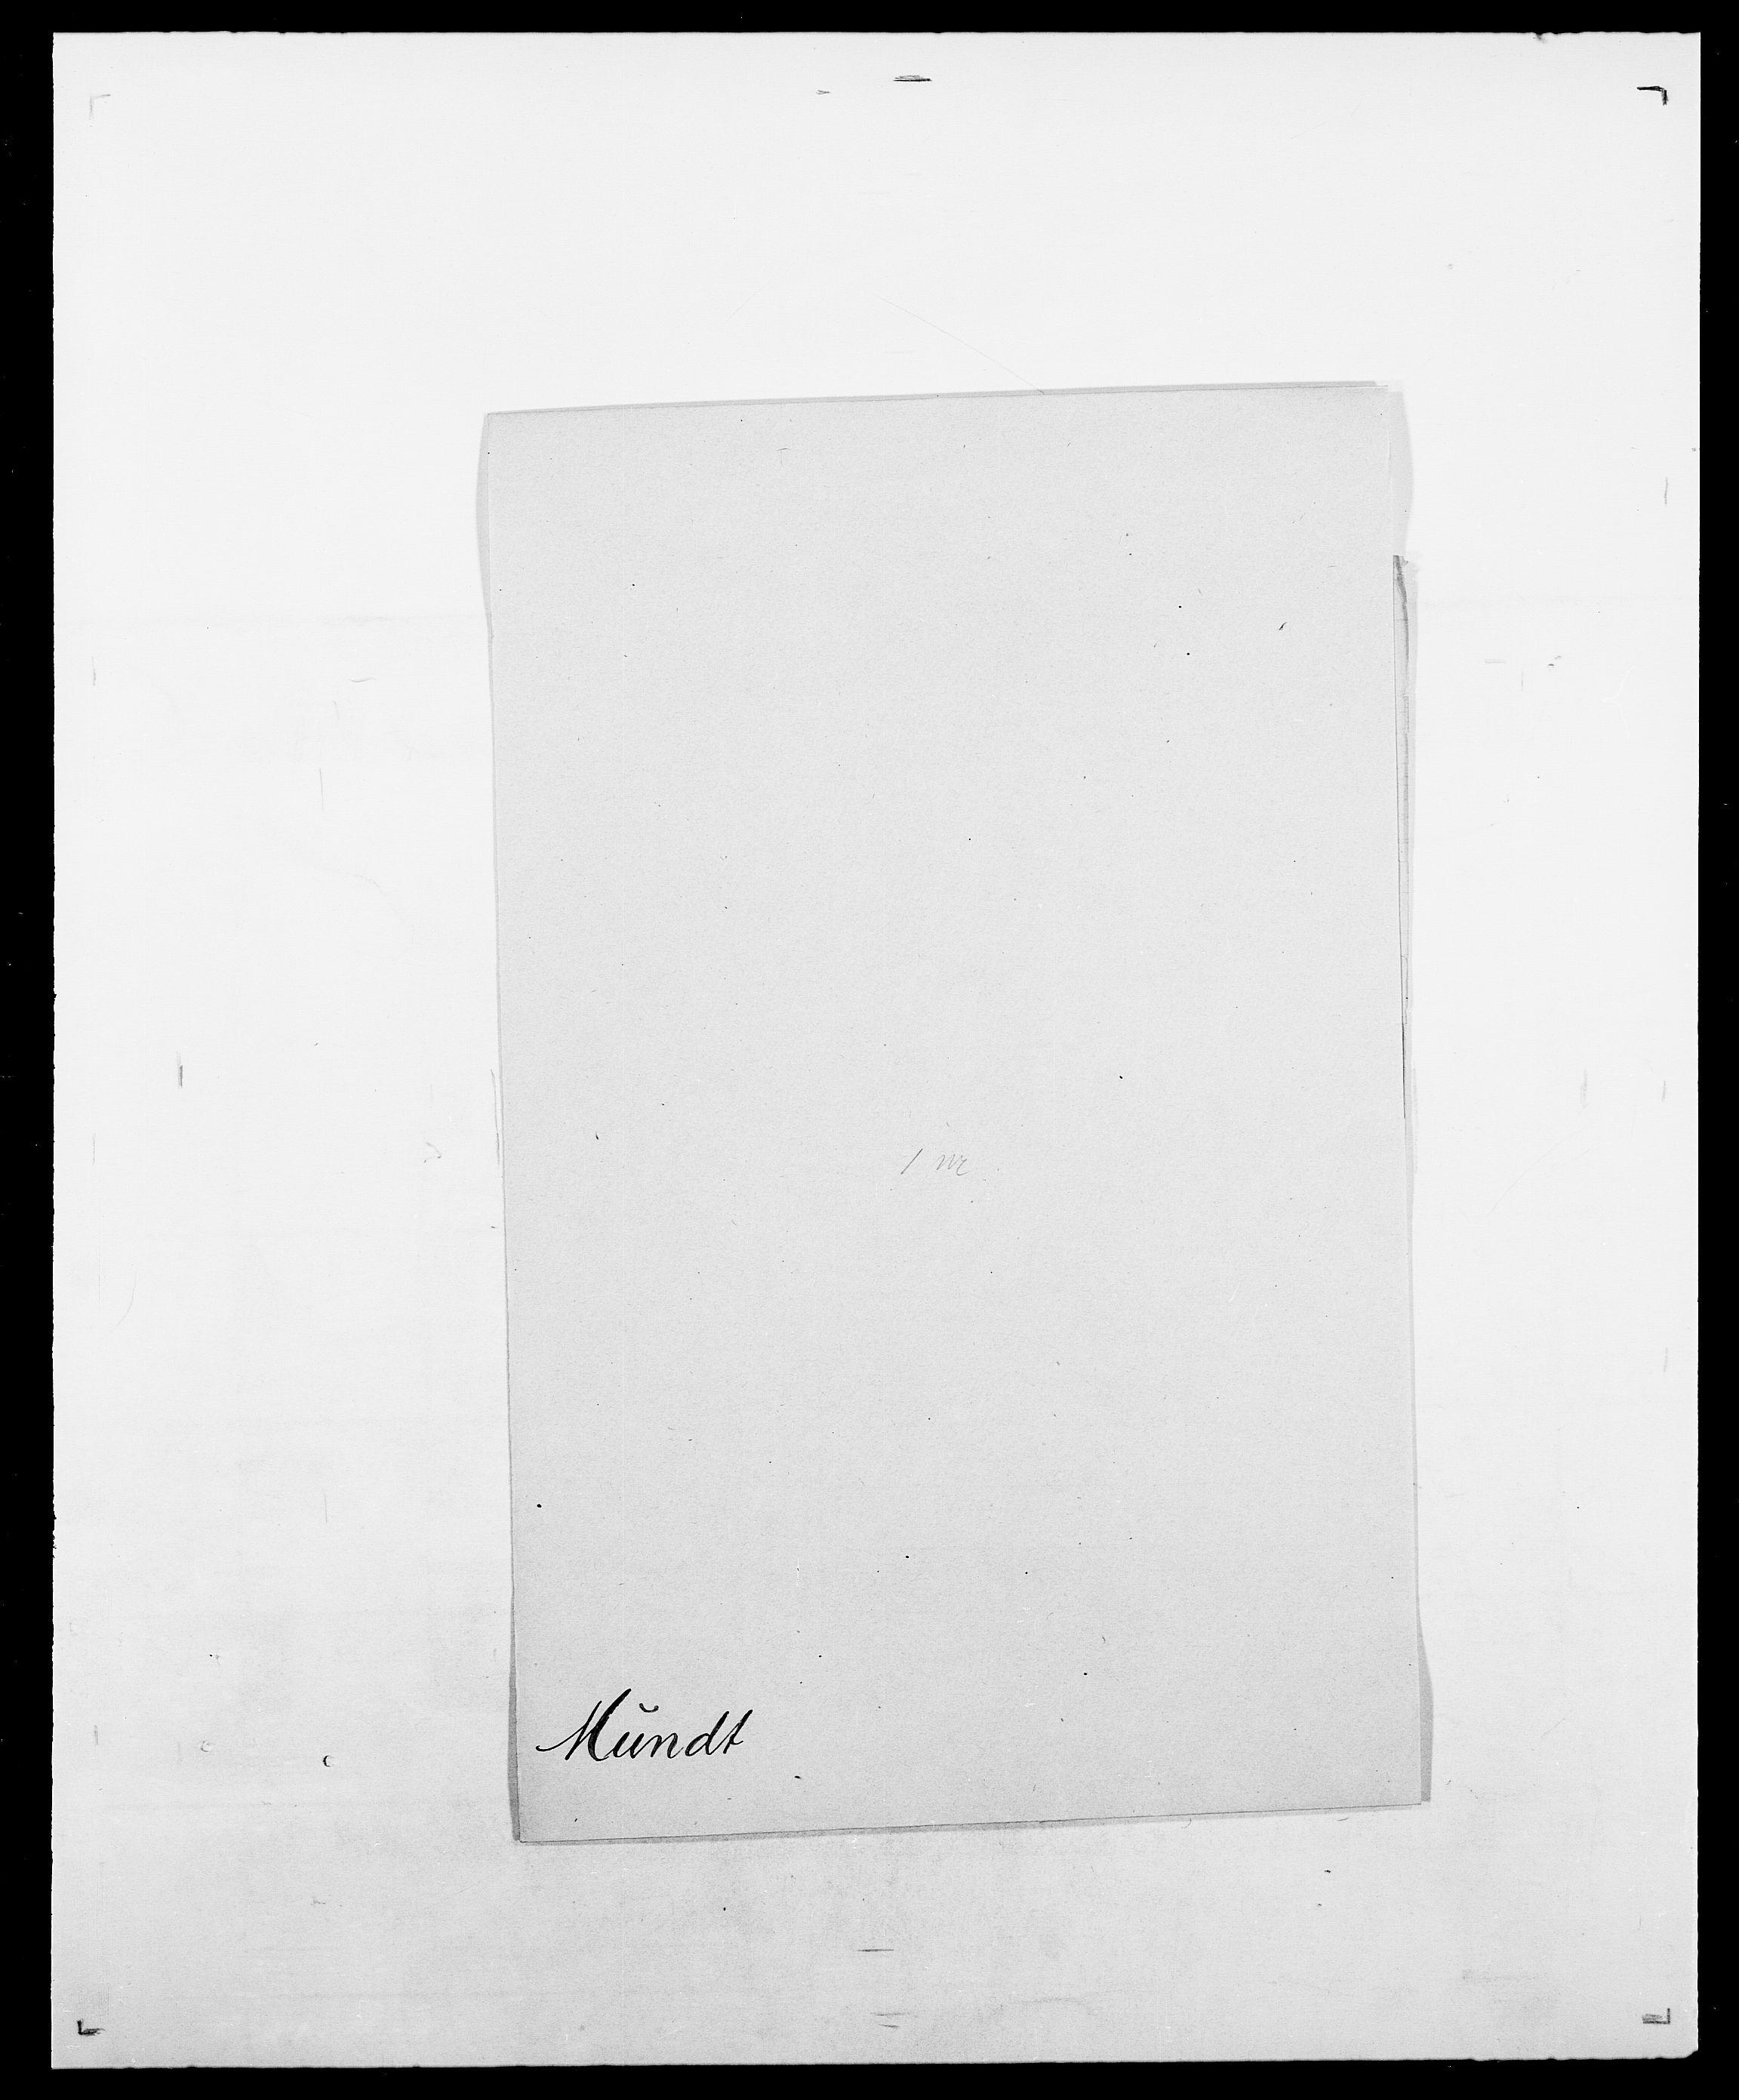 SAO, Delgobe, Charles Antoine - samling, D/Da/L0027: Morath - v. Møsting, s. 232